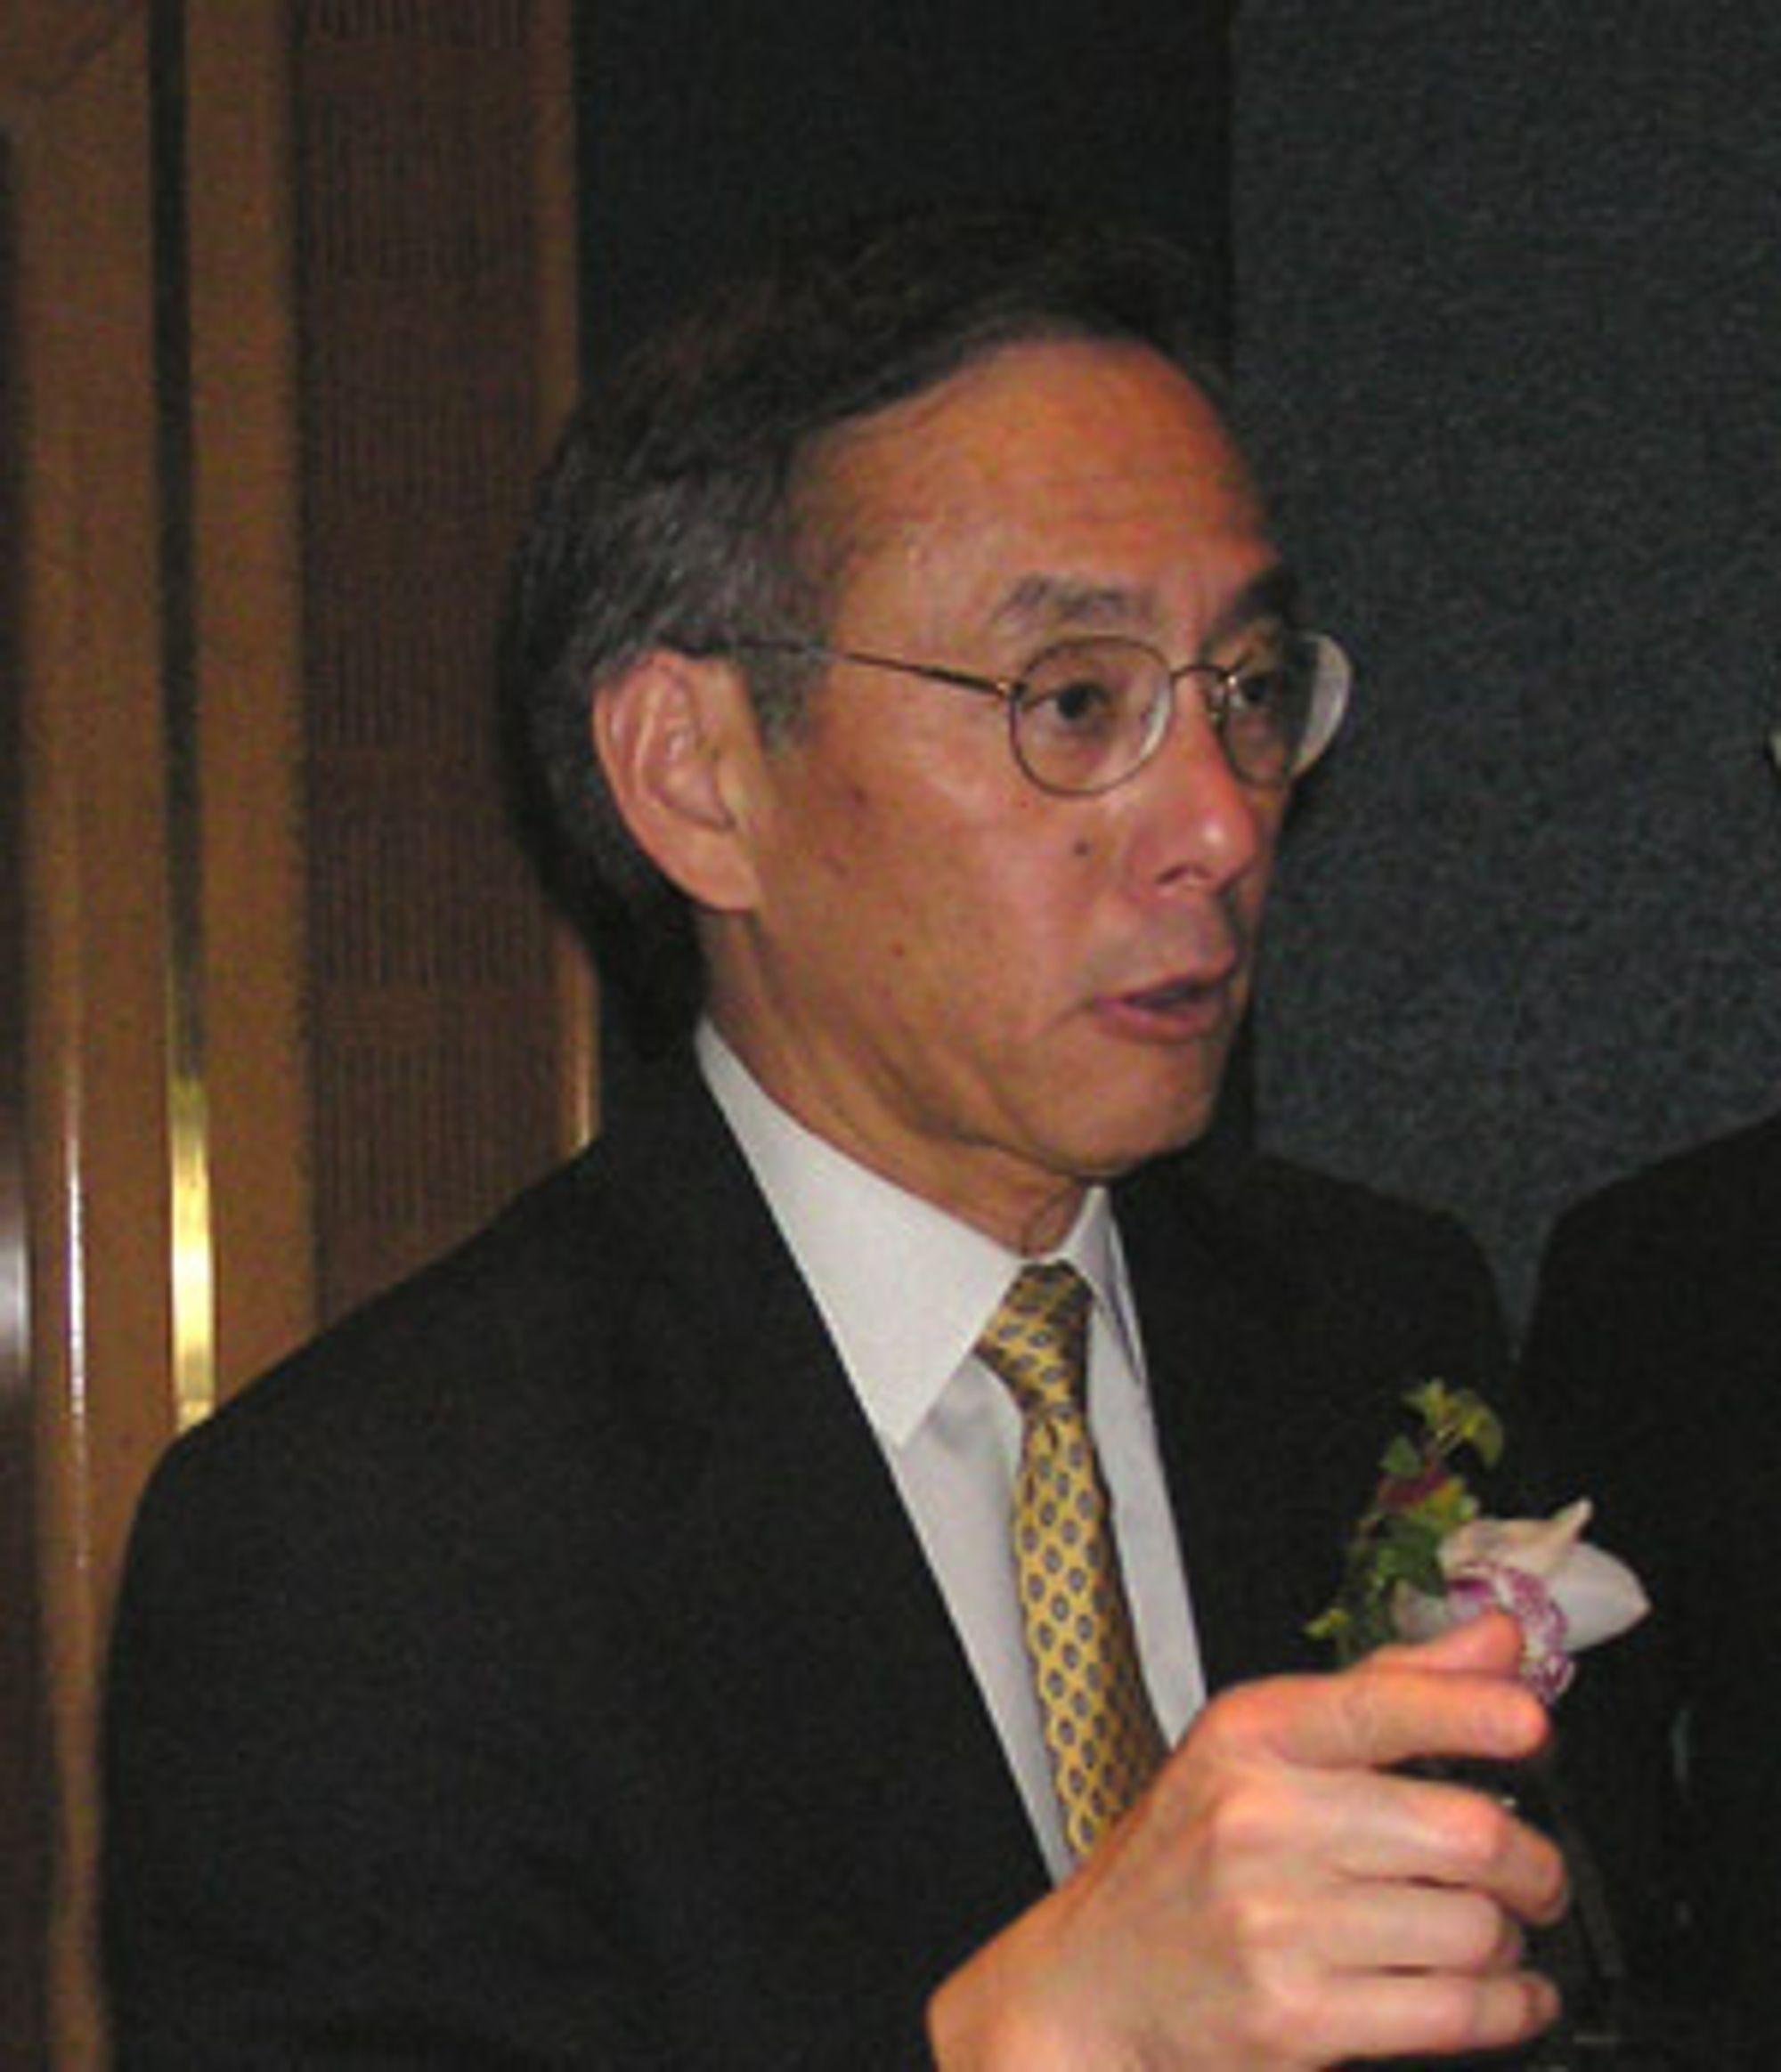 Steven Chu er nobelprisvinner i fysikk og regnes som en ledende ekspert på alternativ energi.